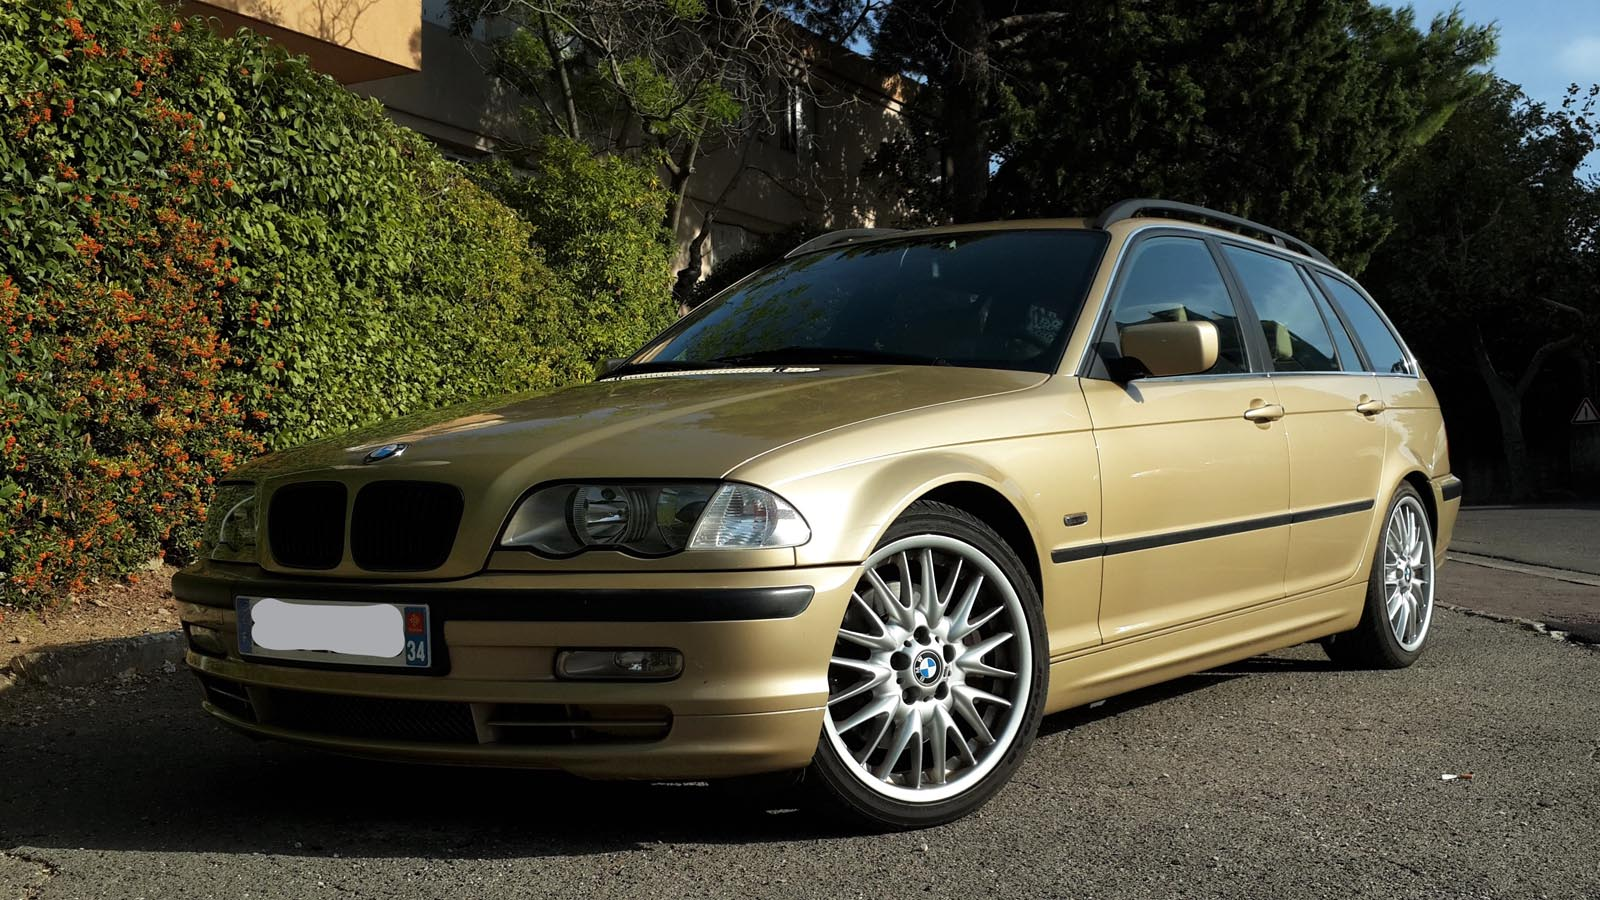 BMW 330i - 1